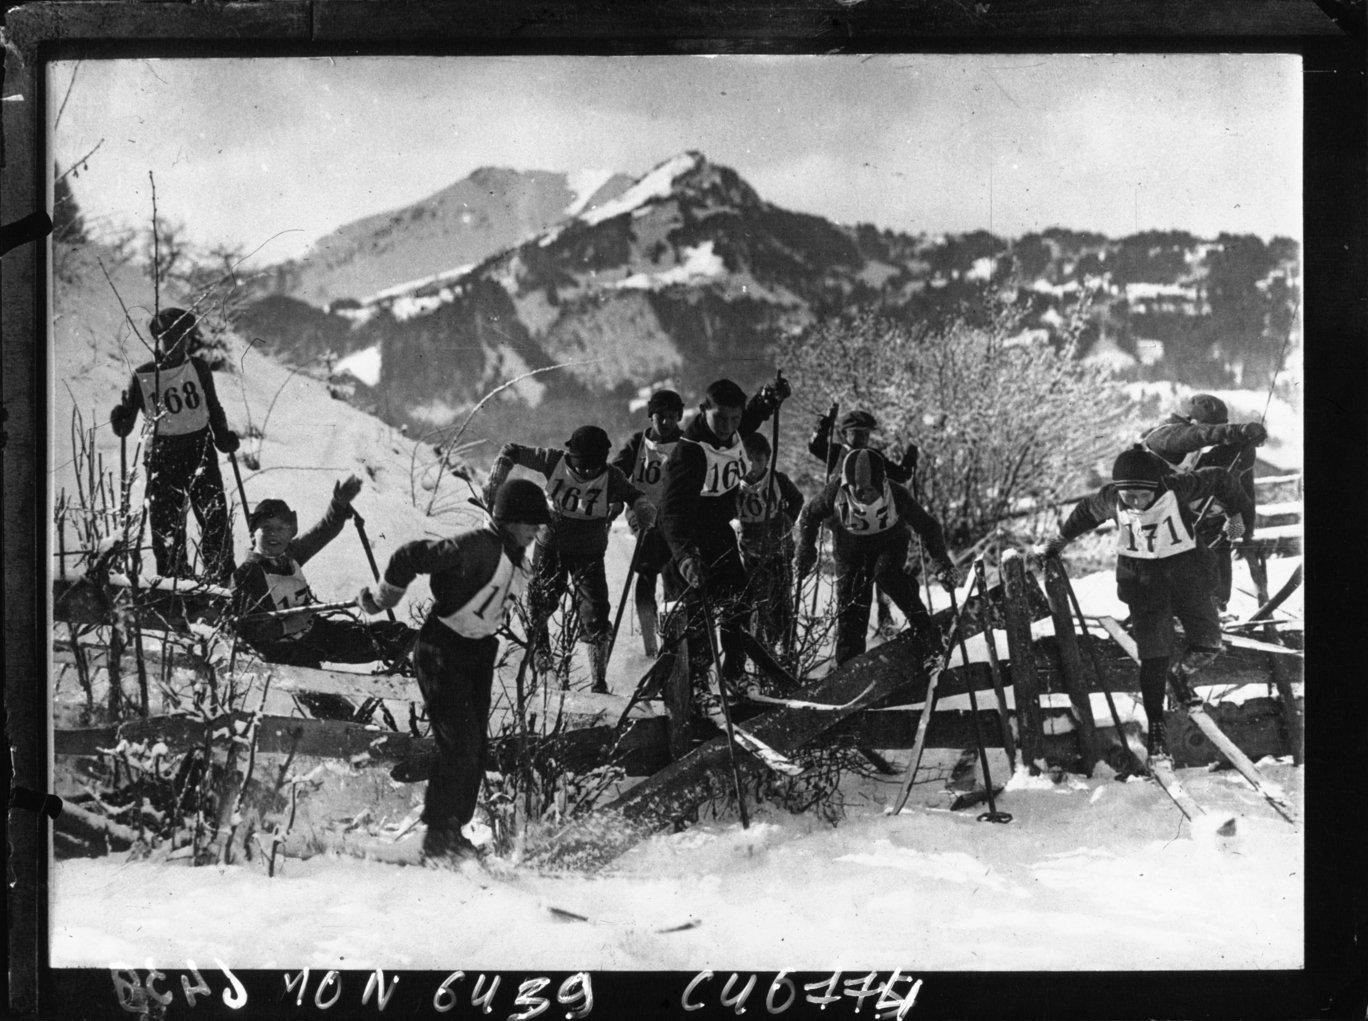 Alpes bavaroises : concours de ski, Robert Sennecke Internationaler Illustrations Verlag. Agence photographique, Bibliothèque Nationale de France, Public Domain Mark